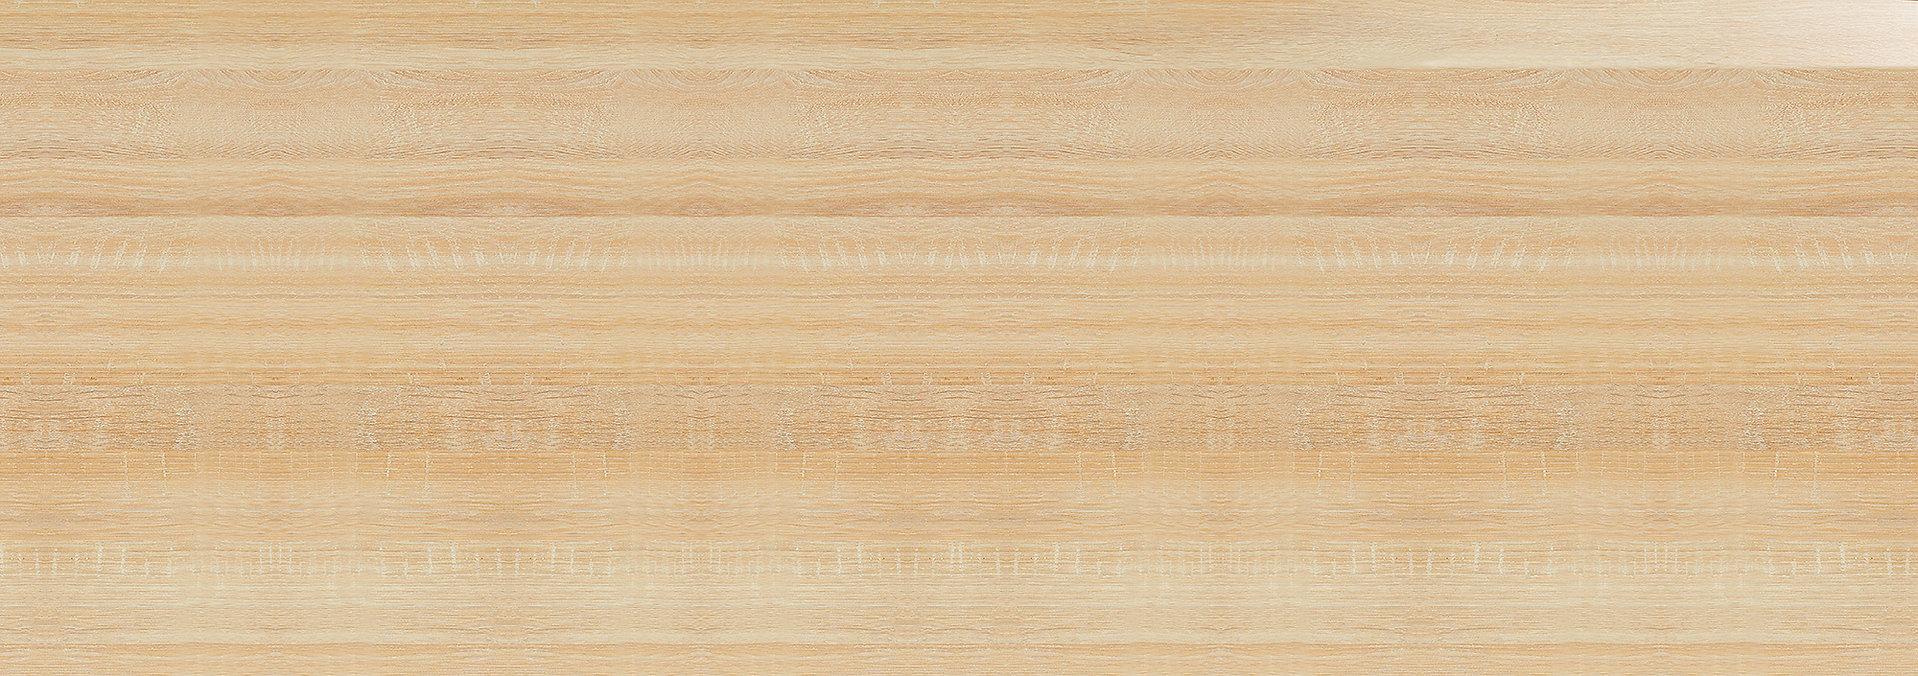 木紋底.jpg